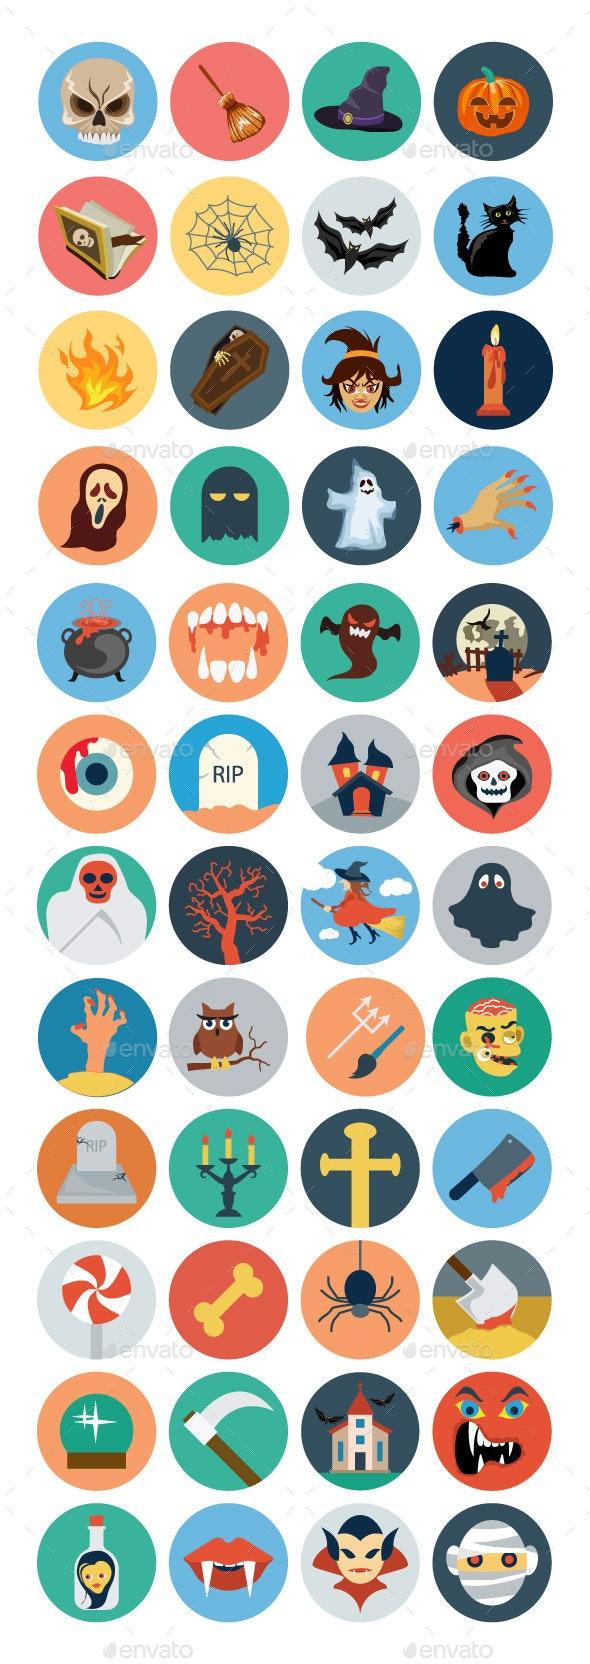 40+ Flat Halloween Icons - Seasonal Icons